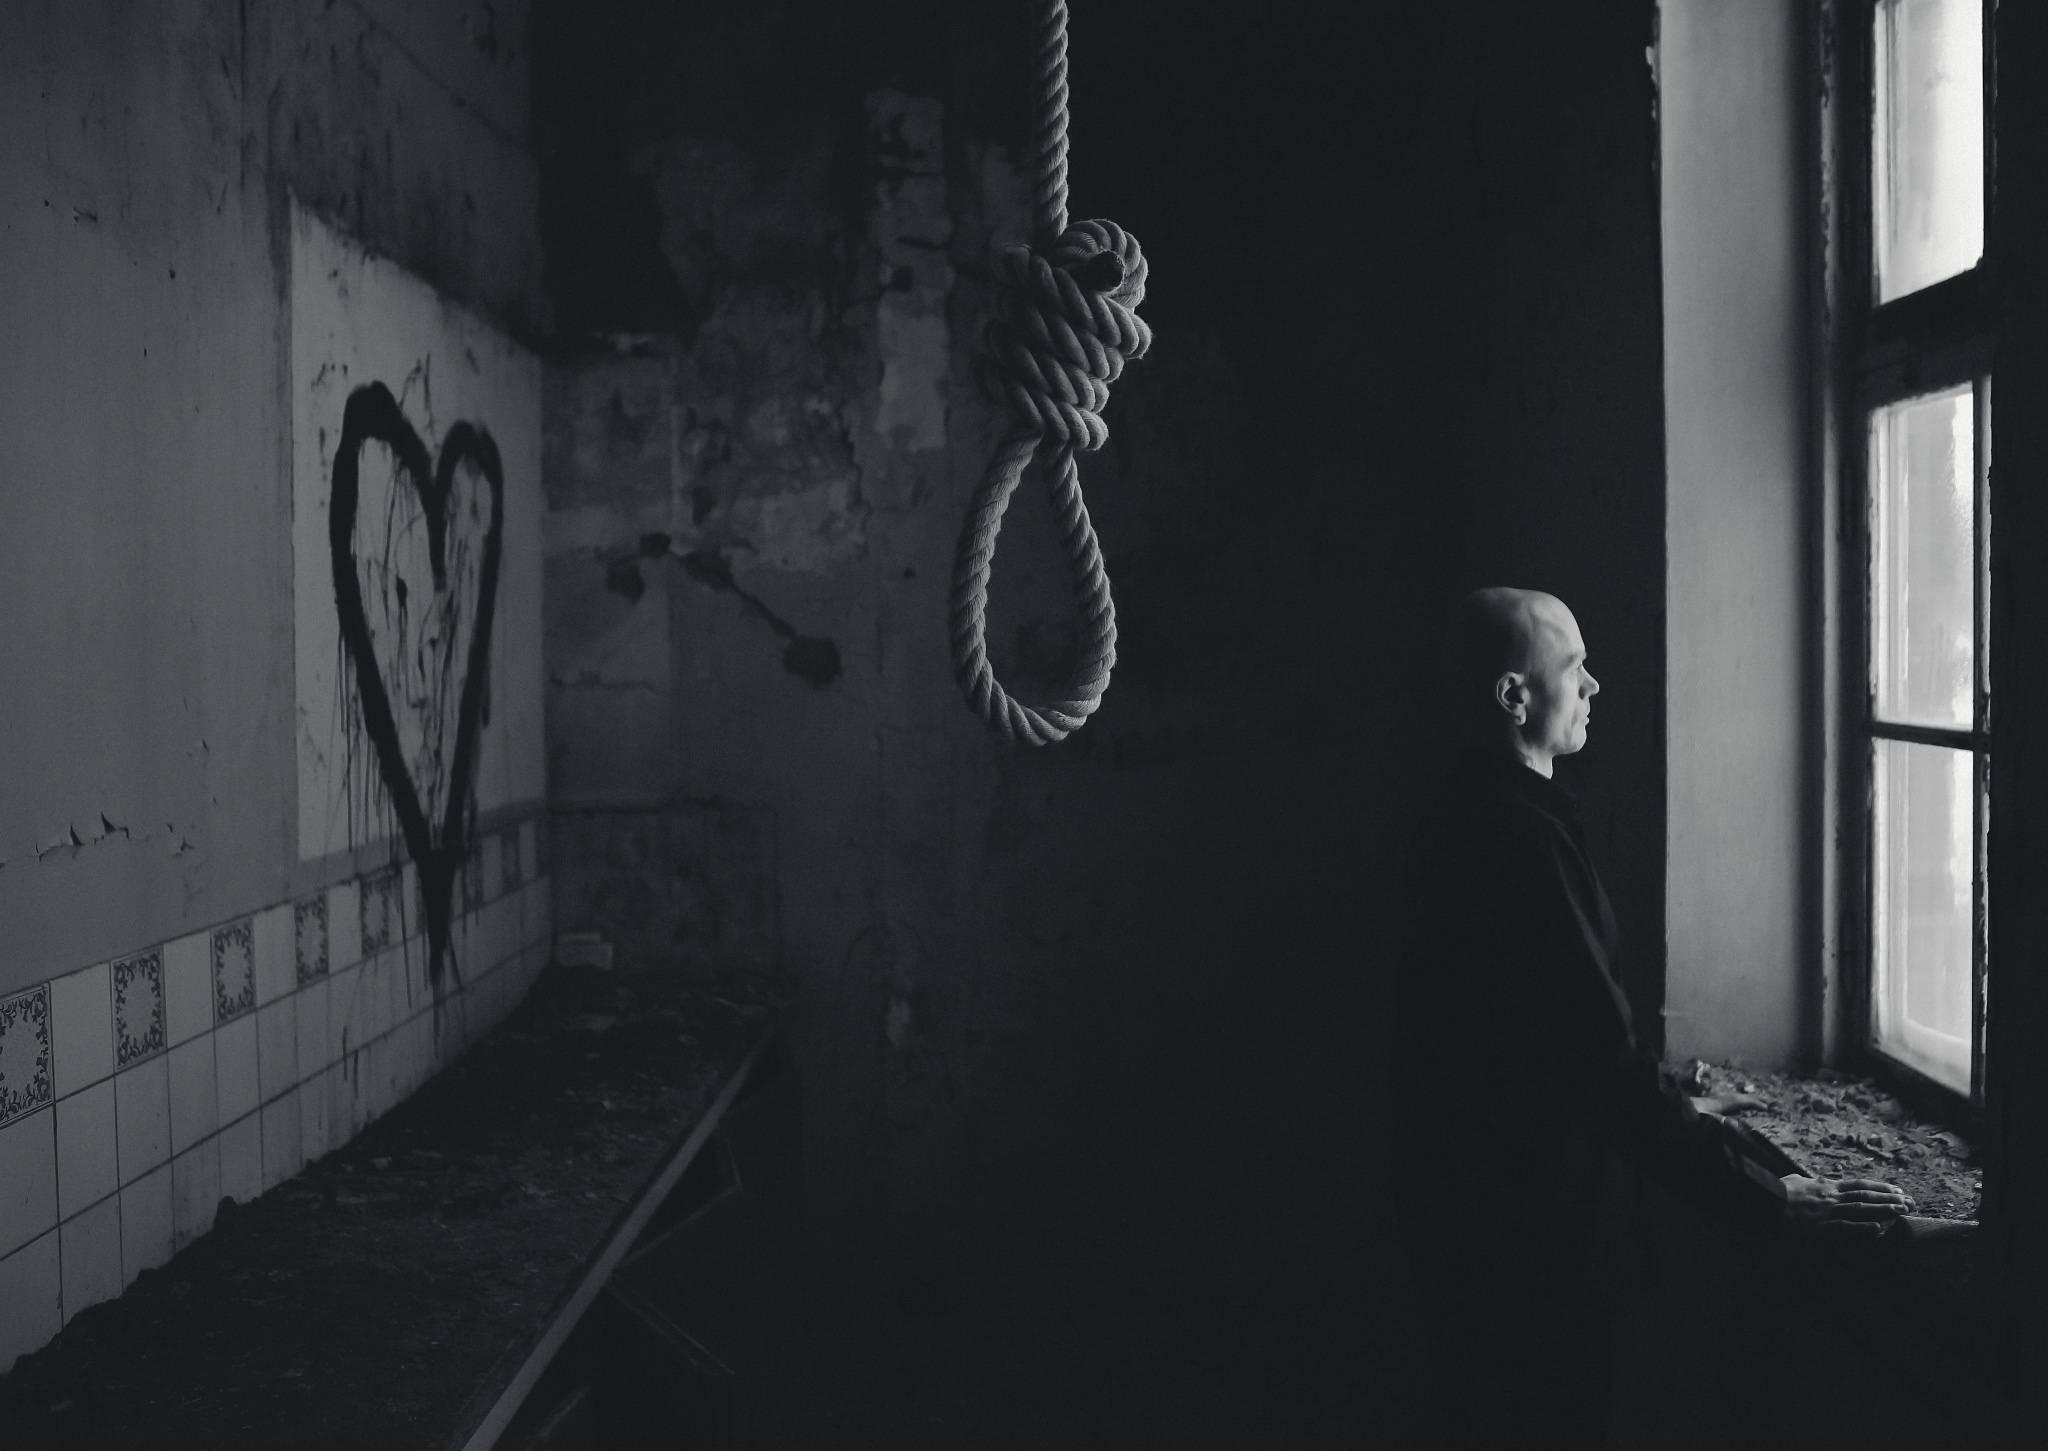 Глубокая депрессия: можно ли справиться самостоятельно?